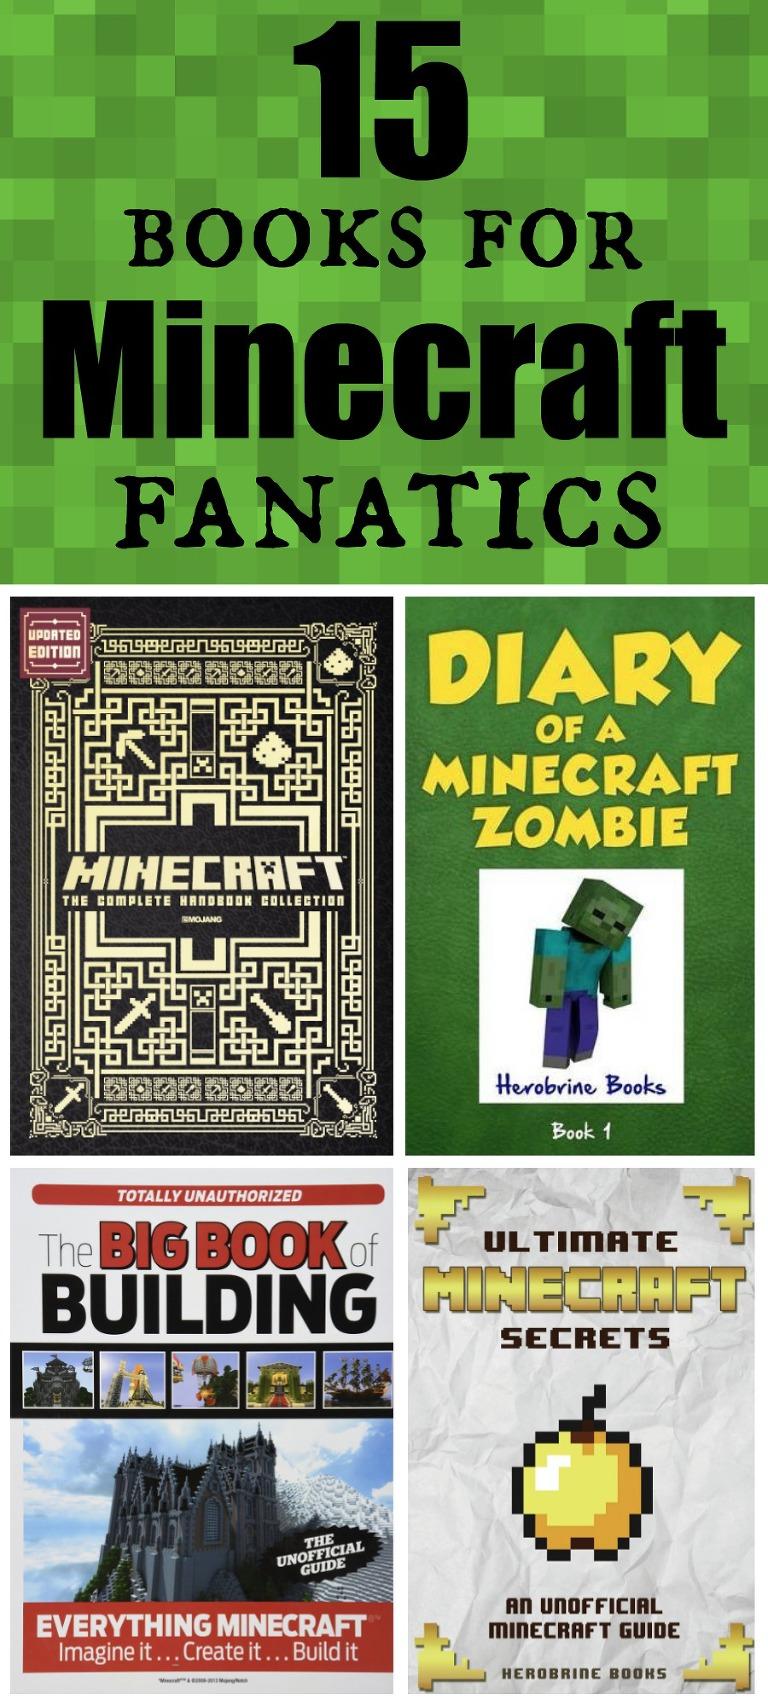 15 books for Minecraft fanatics